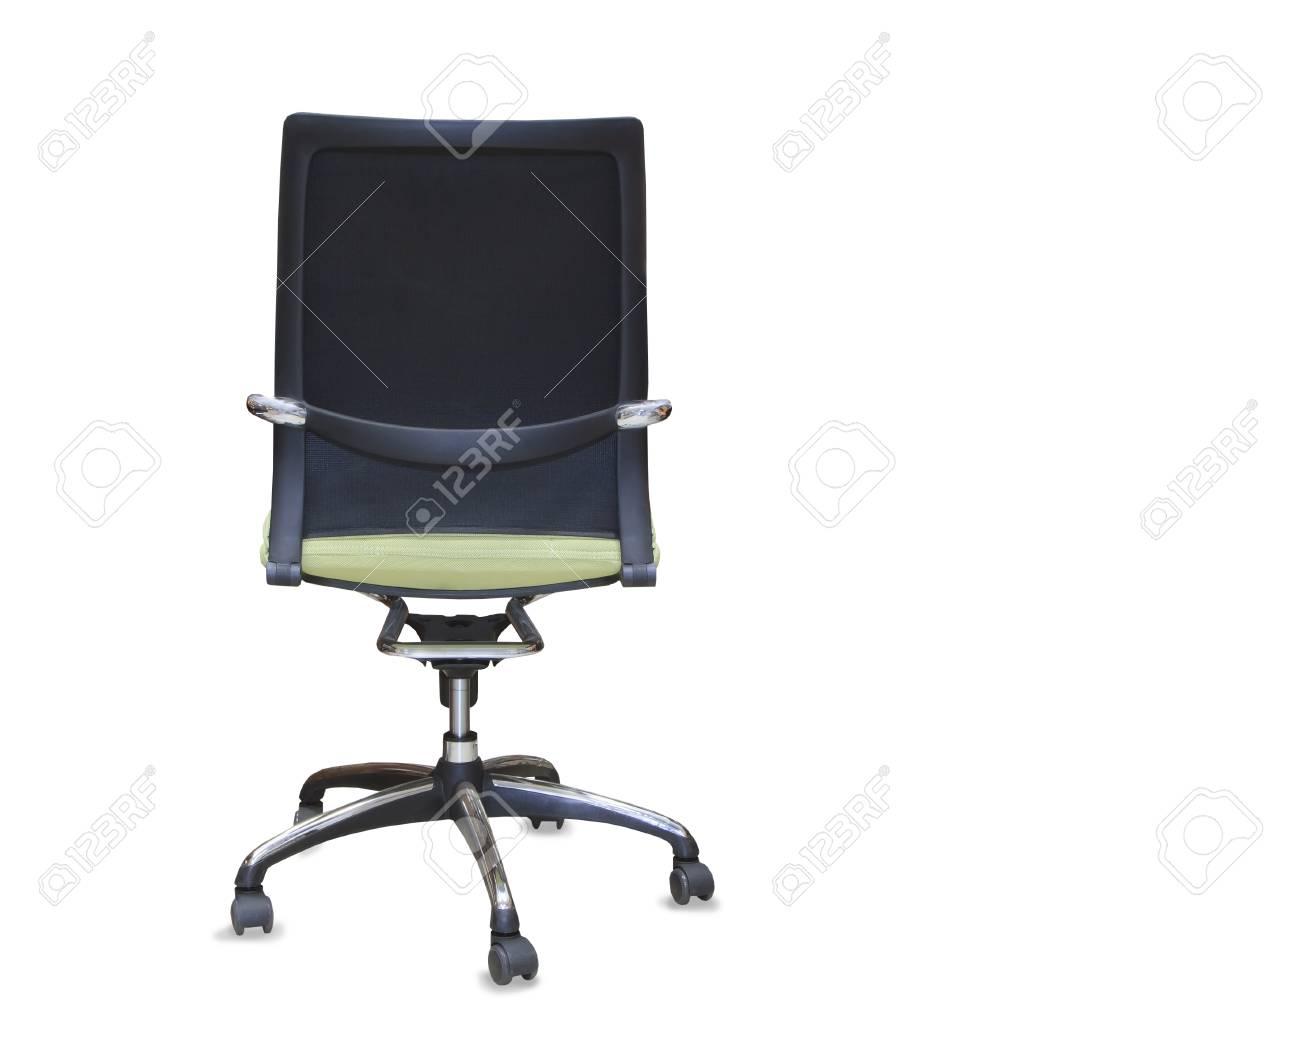 Sedie Da Ufficio Verde.Vista Posteriore Della Moderna Sedia Da Ufficio Da Panno Verde Isolato